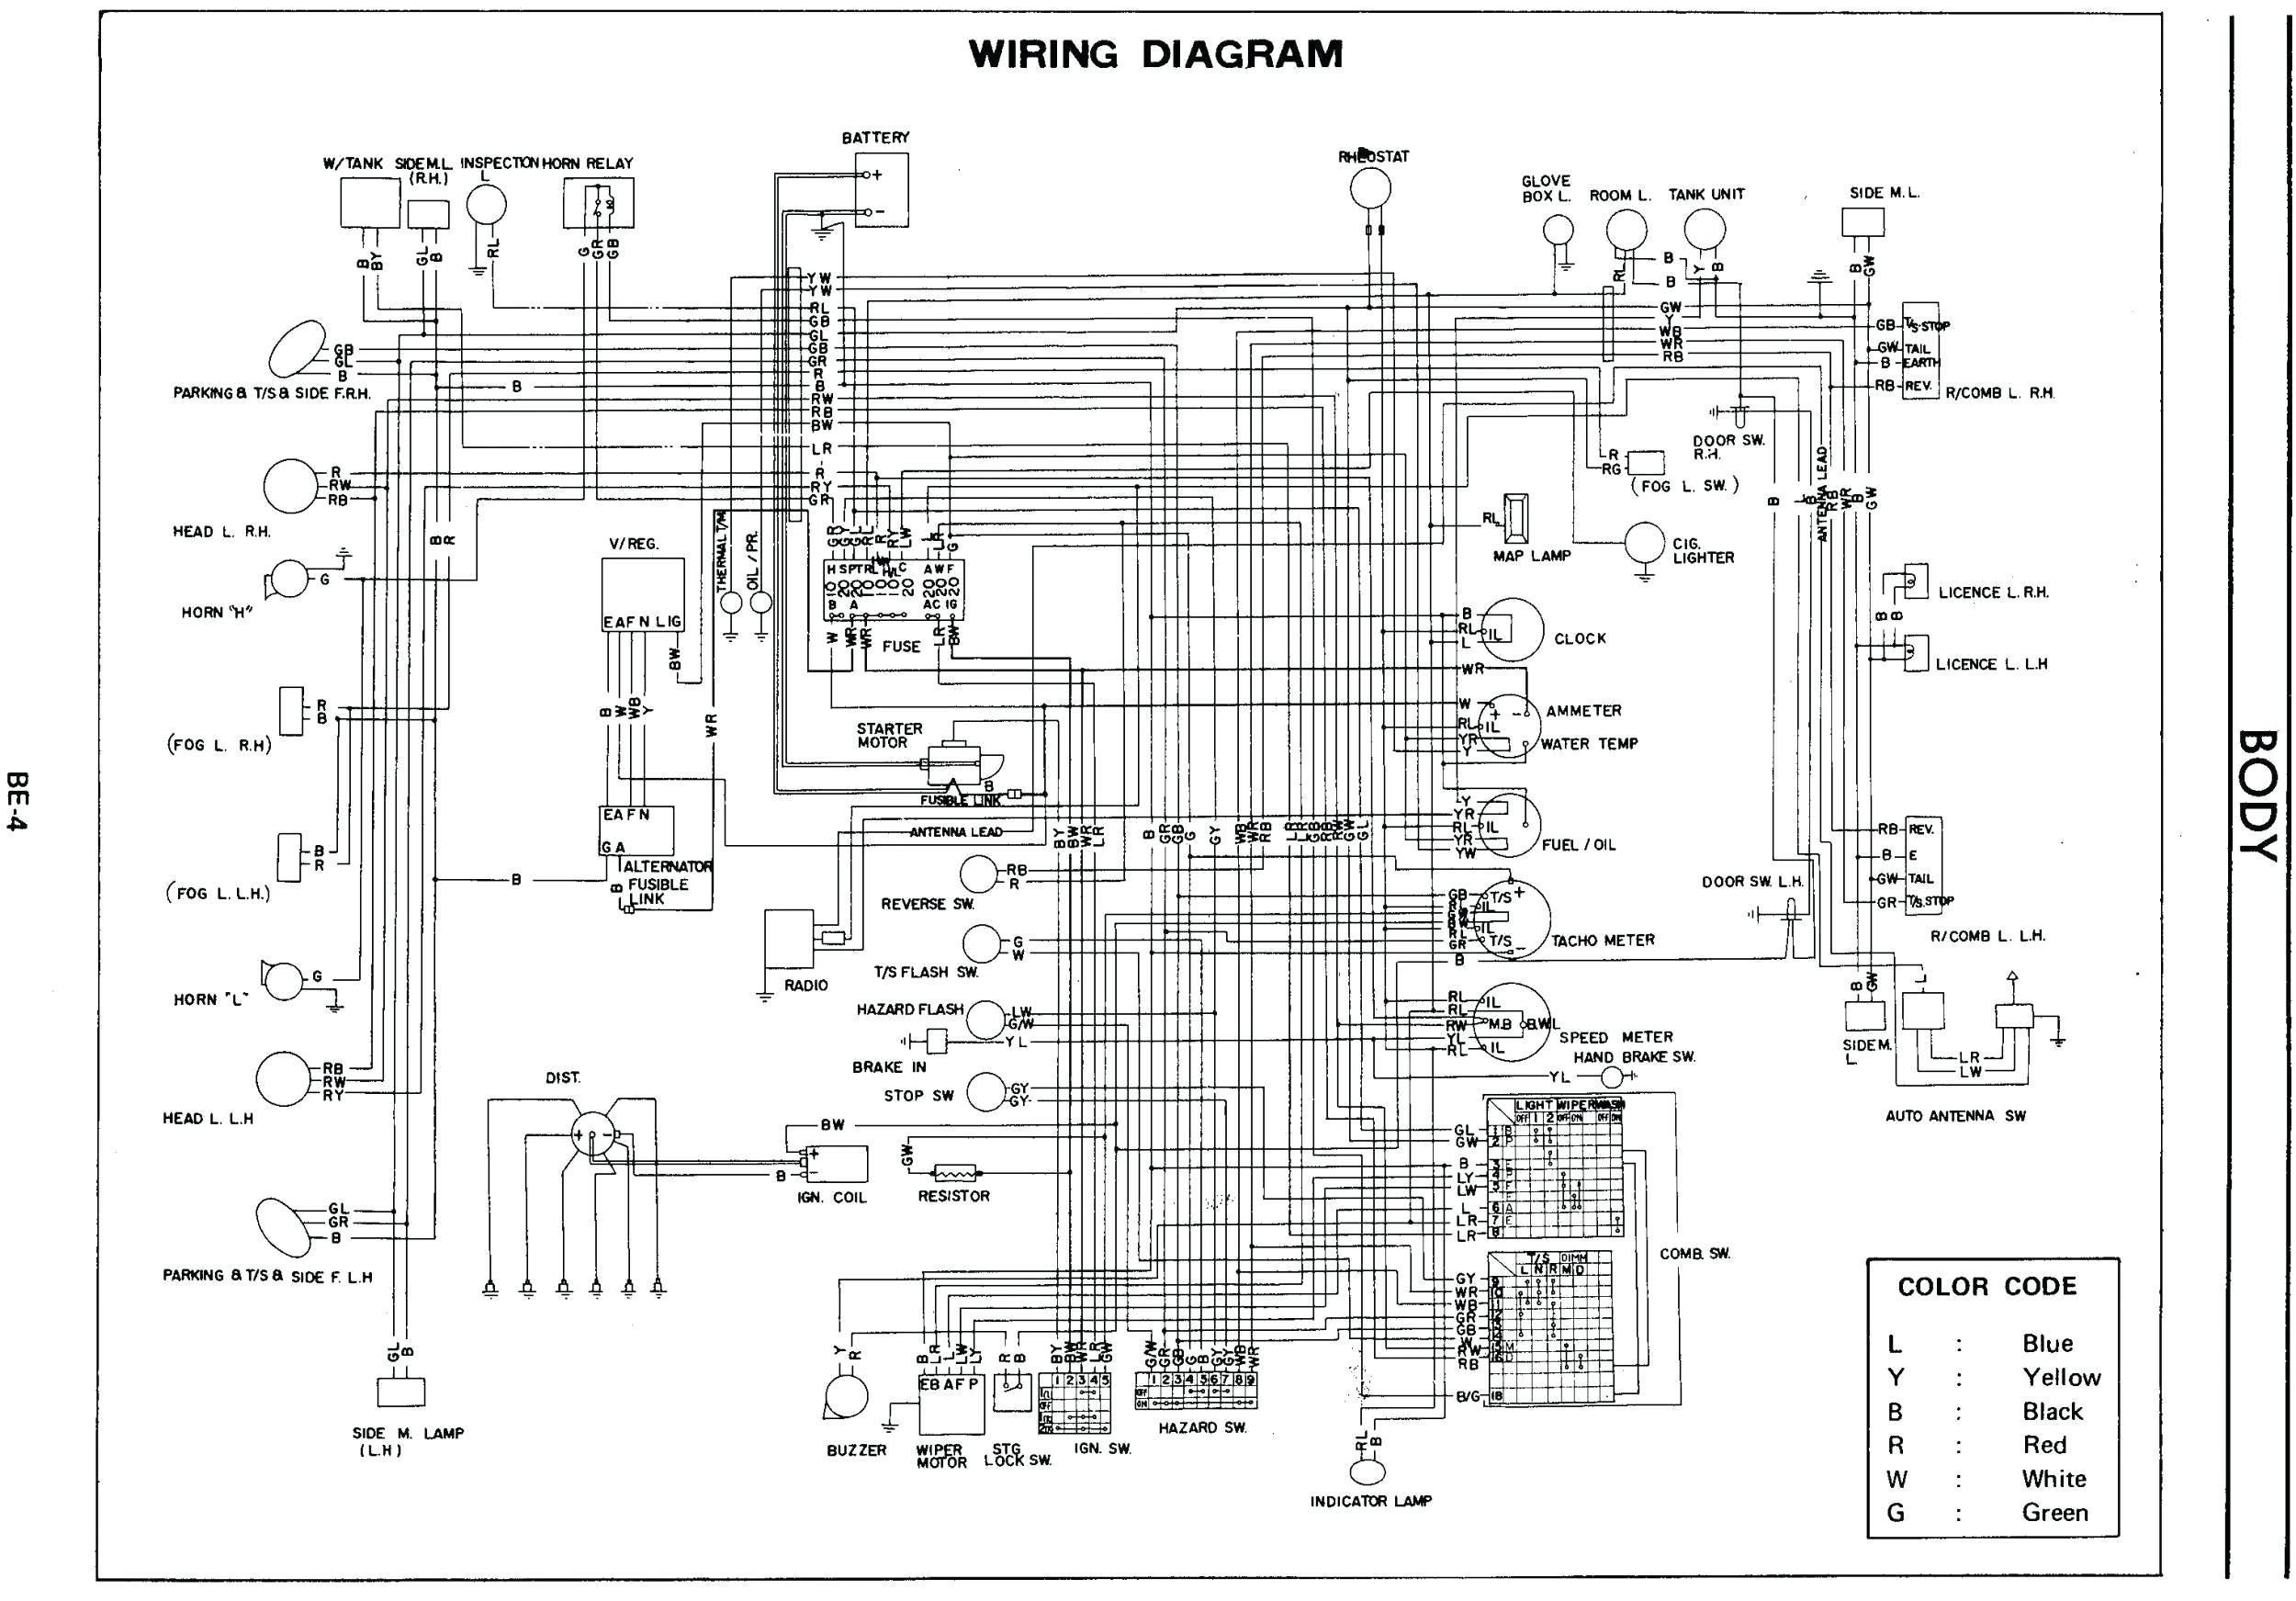 Datsun 240z Wiring Diagram Data Wiring Diagram bination Switch Wiring Diagram 73 240Z 1971 240z Wiring